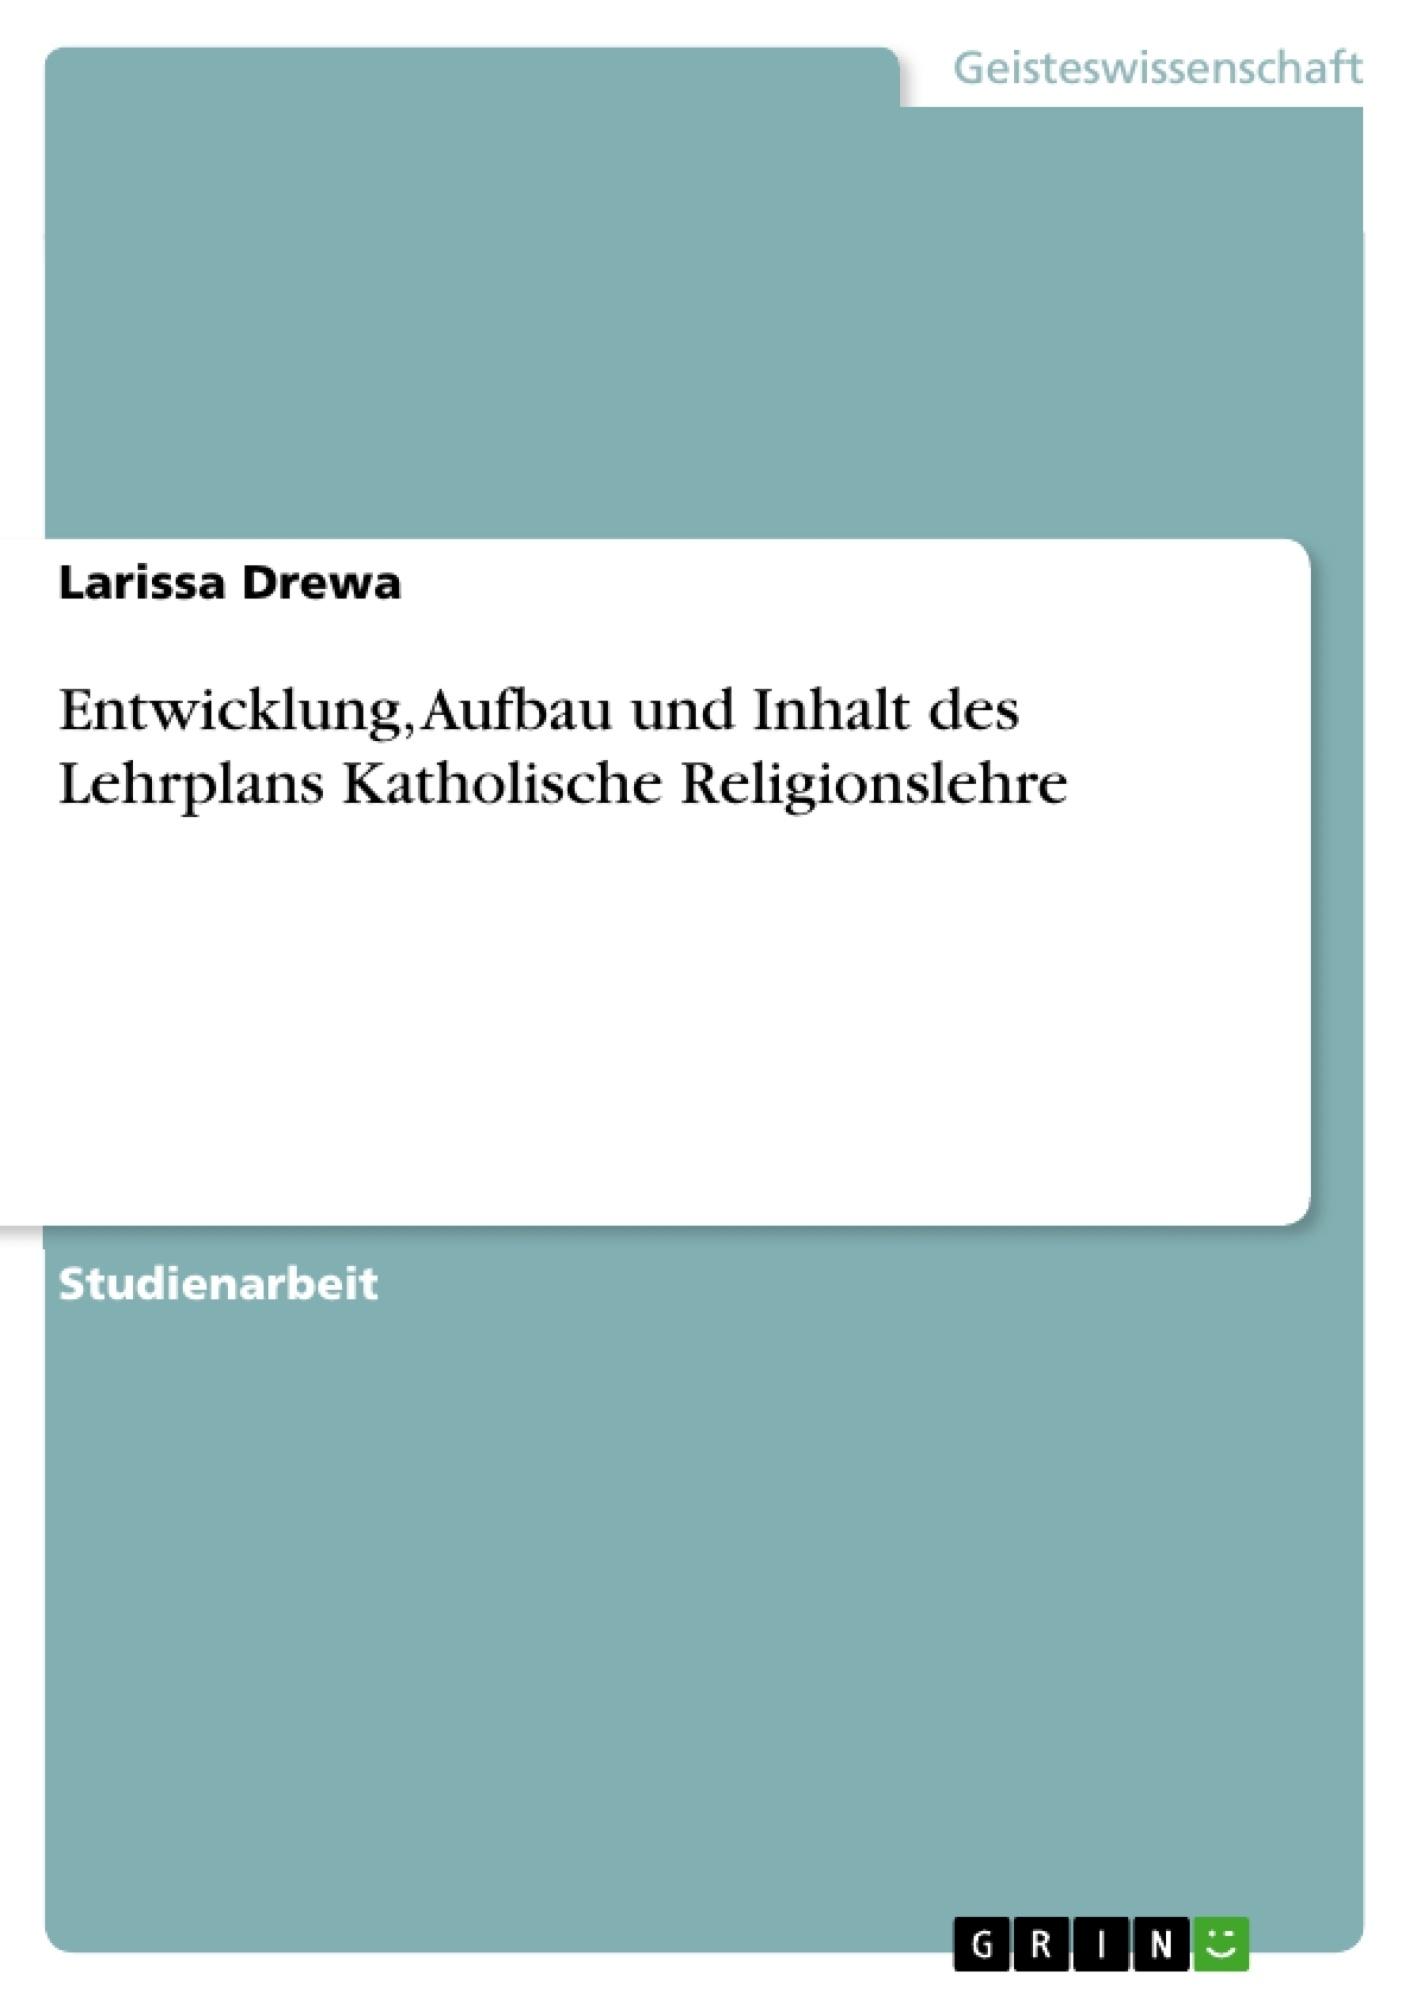 Titel: Entwicklung, Aufbau und Inhalt des Lehrplans Katholische Religionslehre